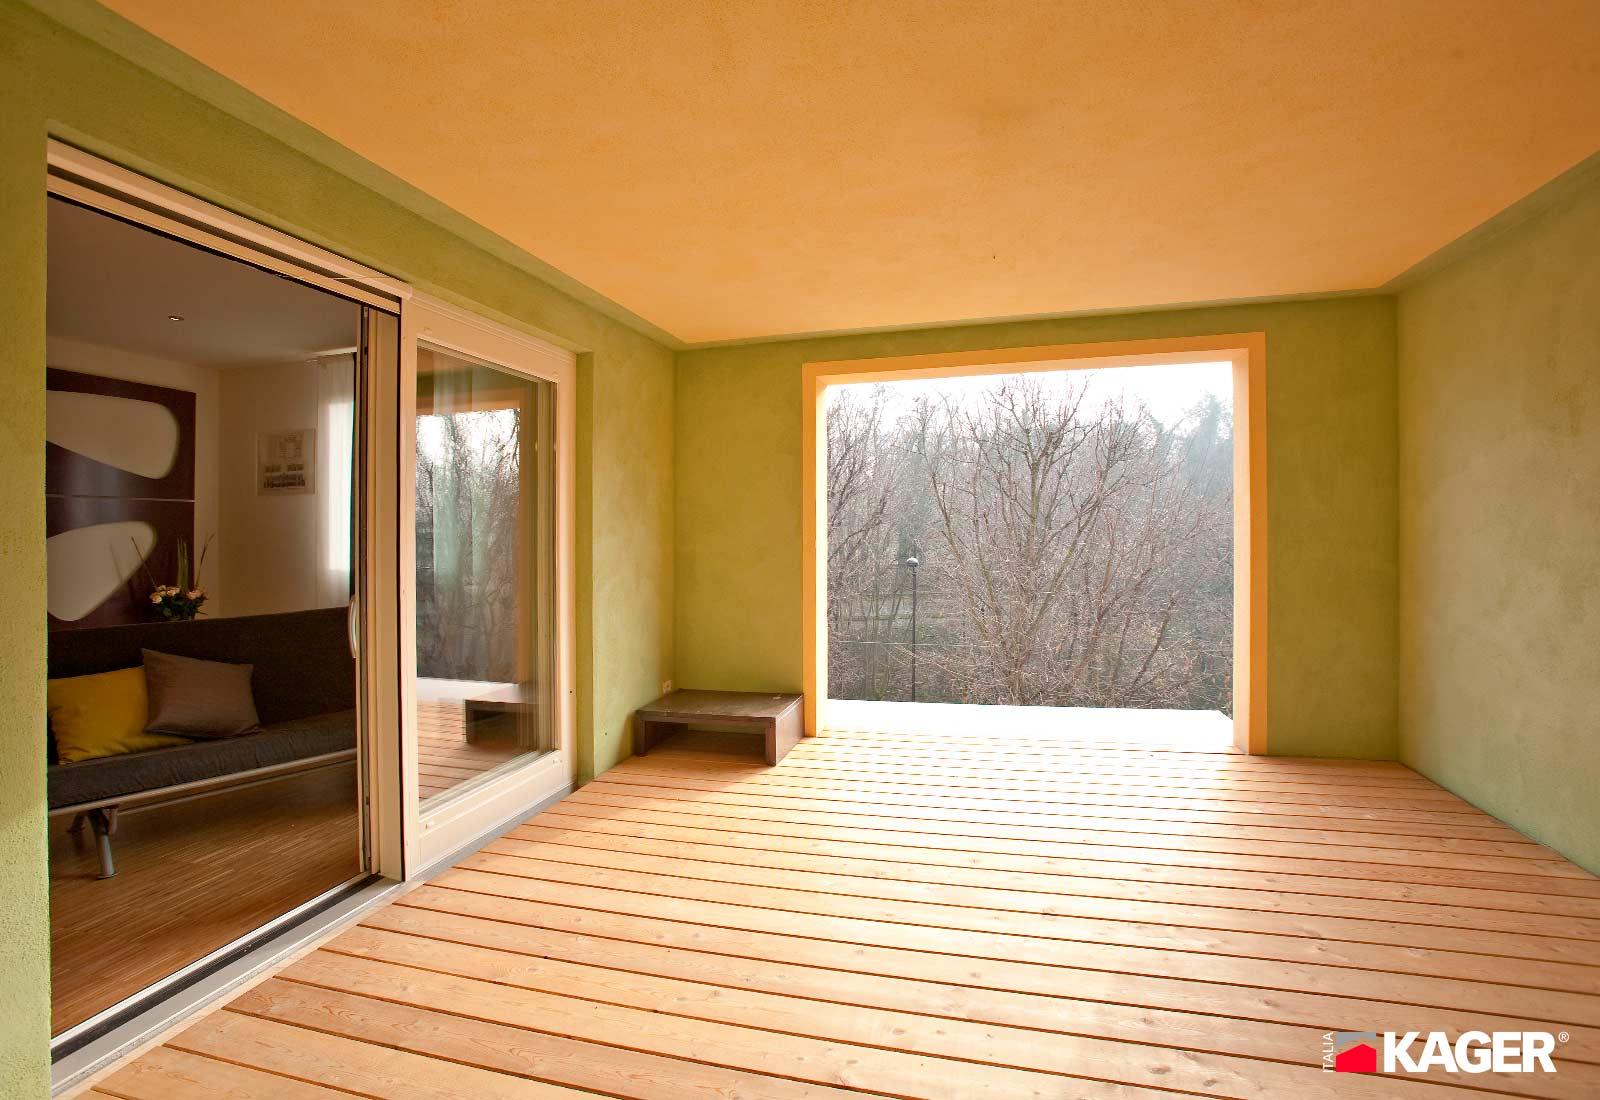 Casa-in-legno-Parma-sopraelevazione-Kager-Italia-05